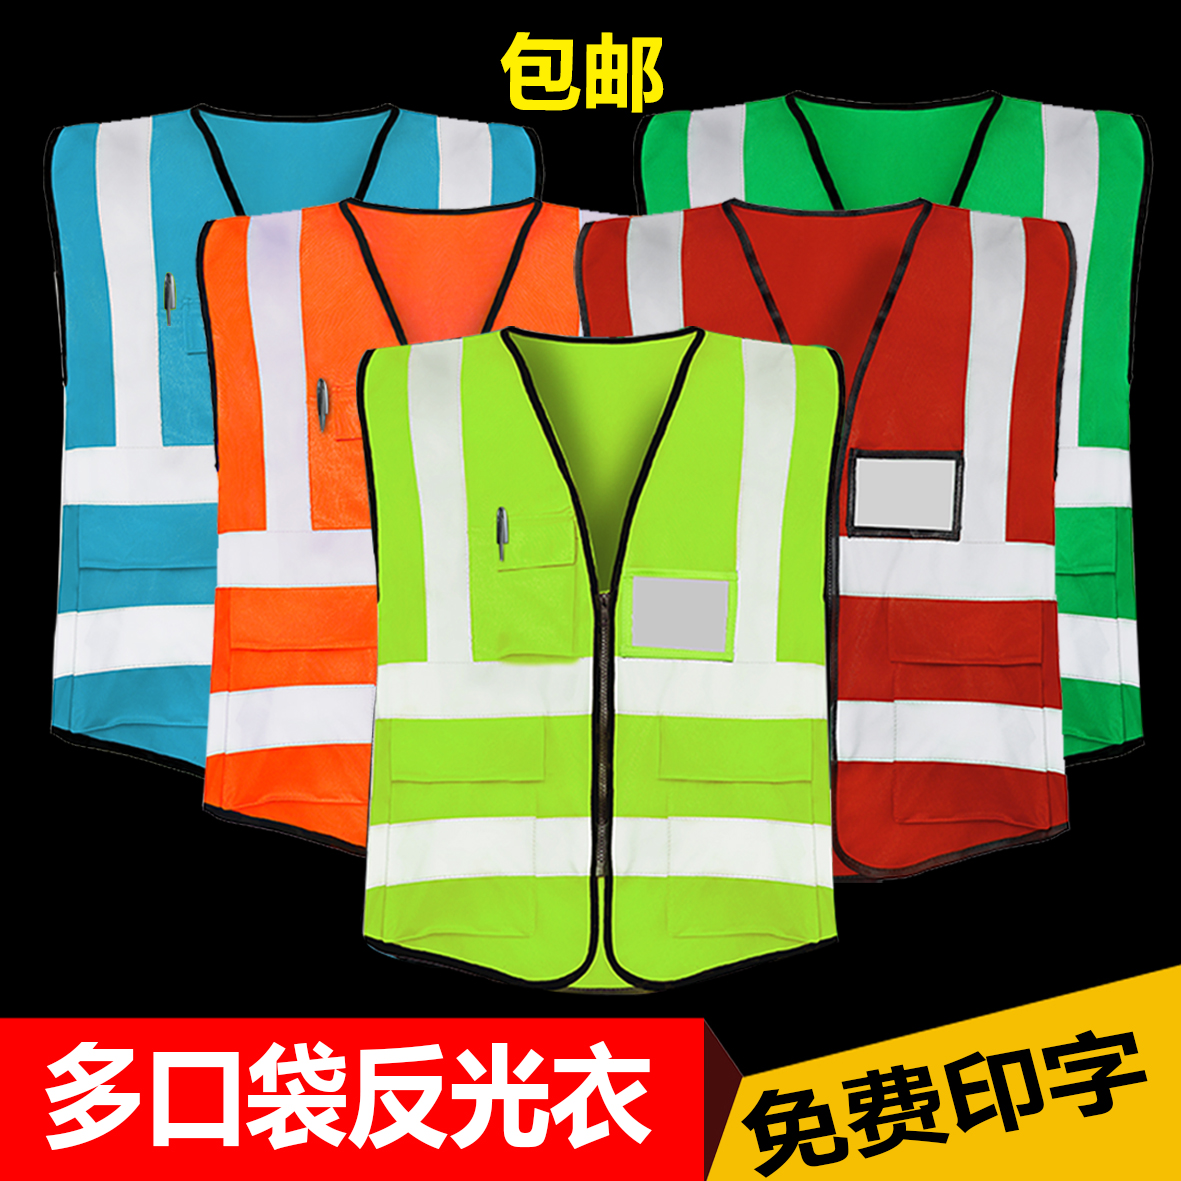 Жилет с отражающим жилетом может быть напечатан слово Ежегодный обзор дорожного движения отражающей одежды куртка Безопасный полностью Больше одежды с карманами Флуоресцентная одежда